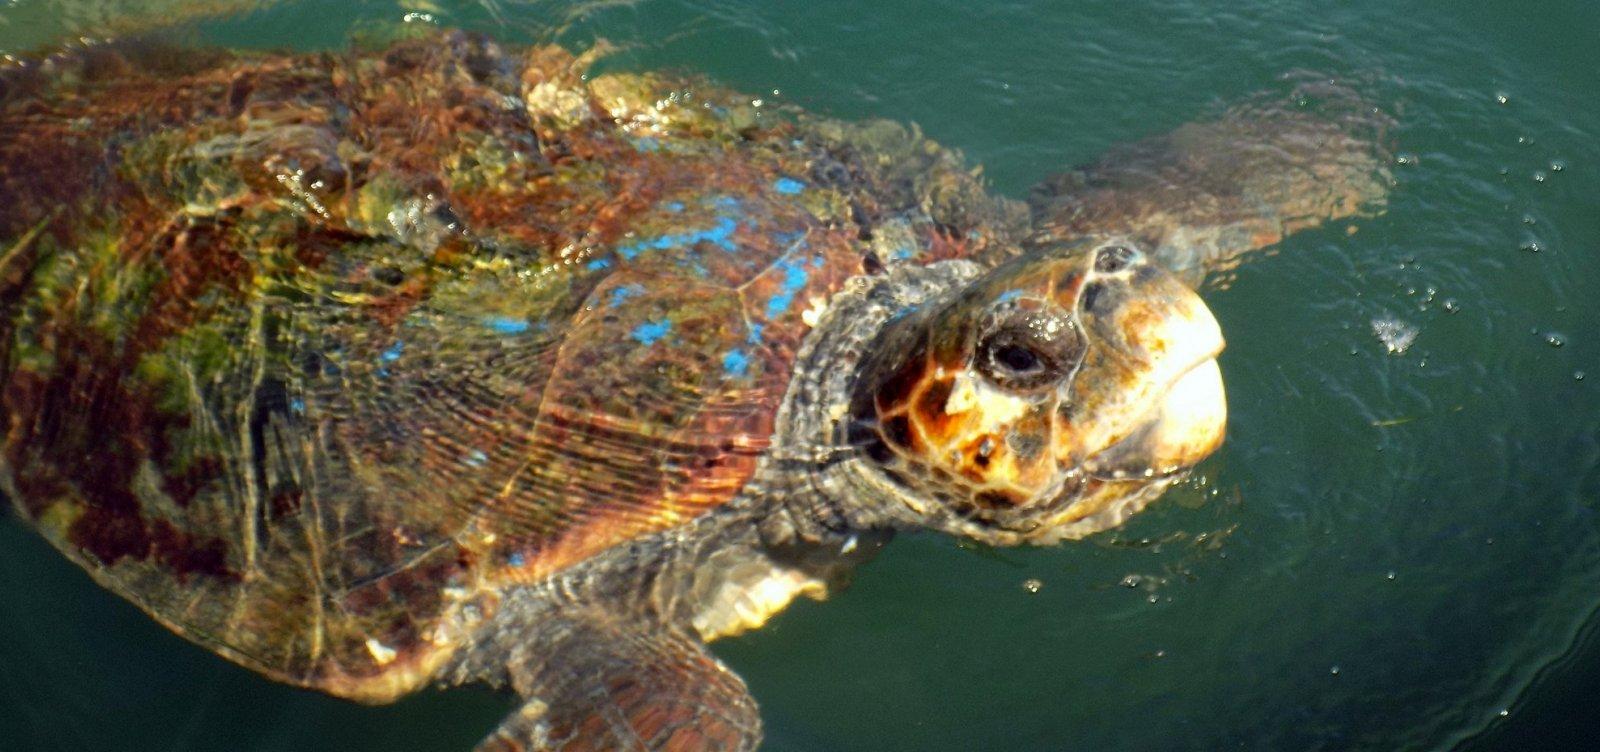 Tartaruga é resgatada de rede de pesca em Ilhéus